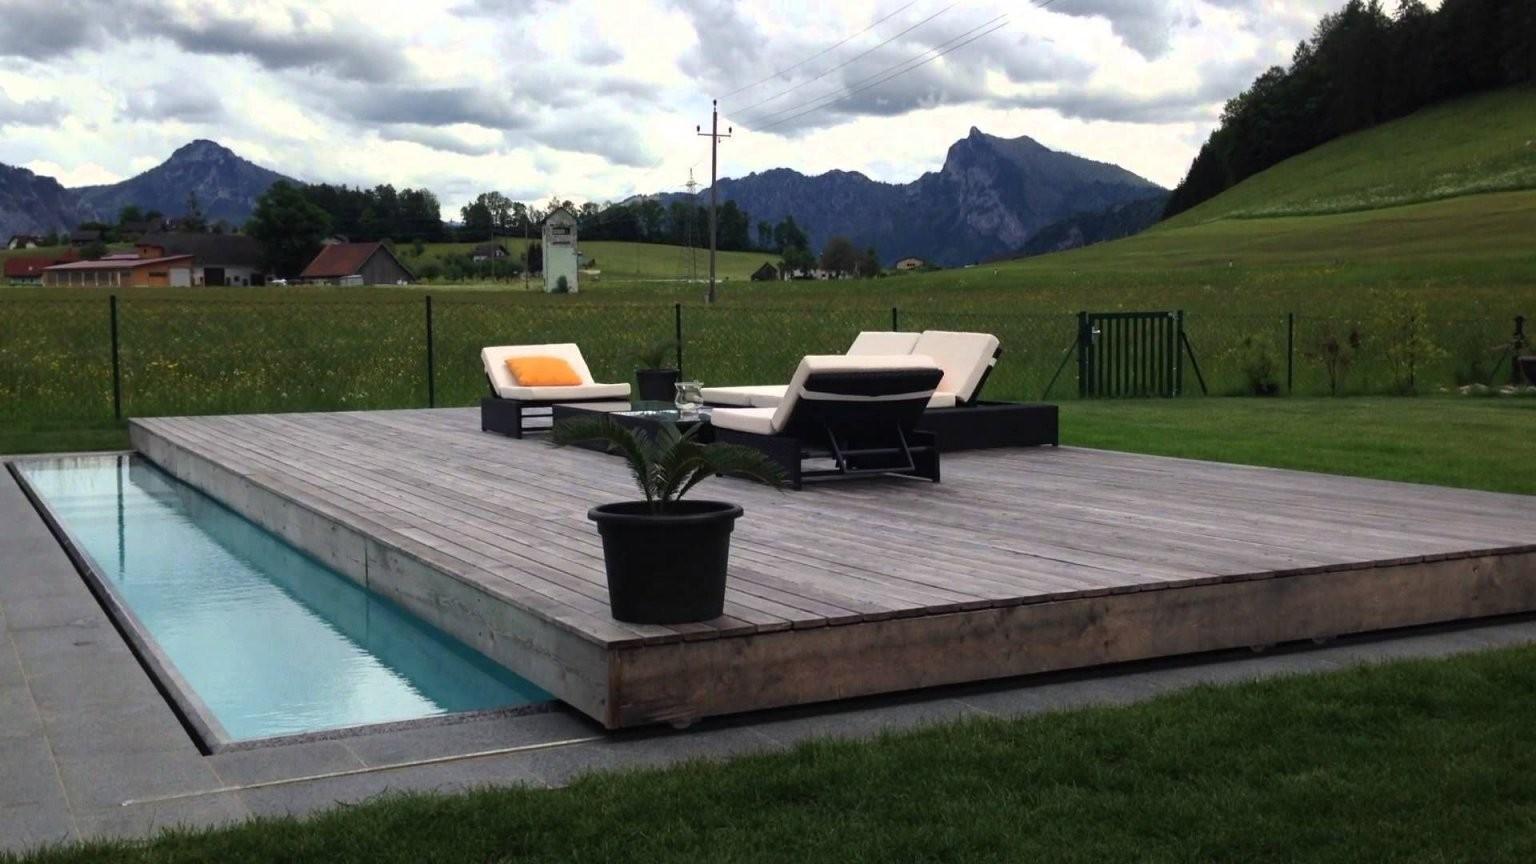 Mit Unserer Poolabdeckung Setzen Wir Neue Maßstäbe Design Trifft von Pool Winterabdeckung Selber Bauen Photo